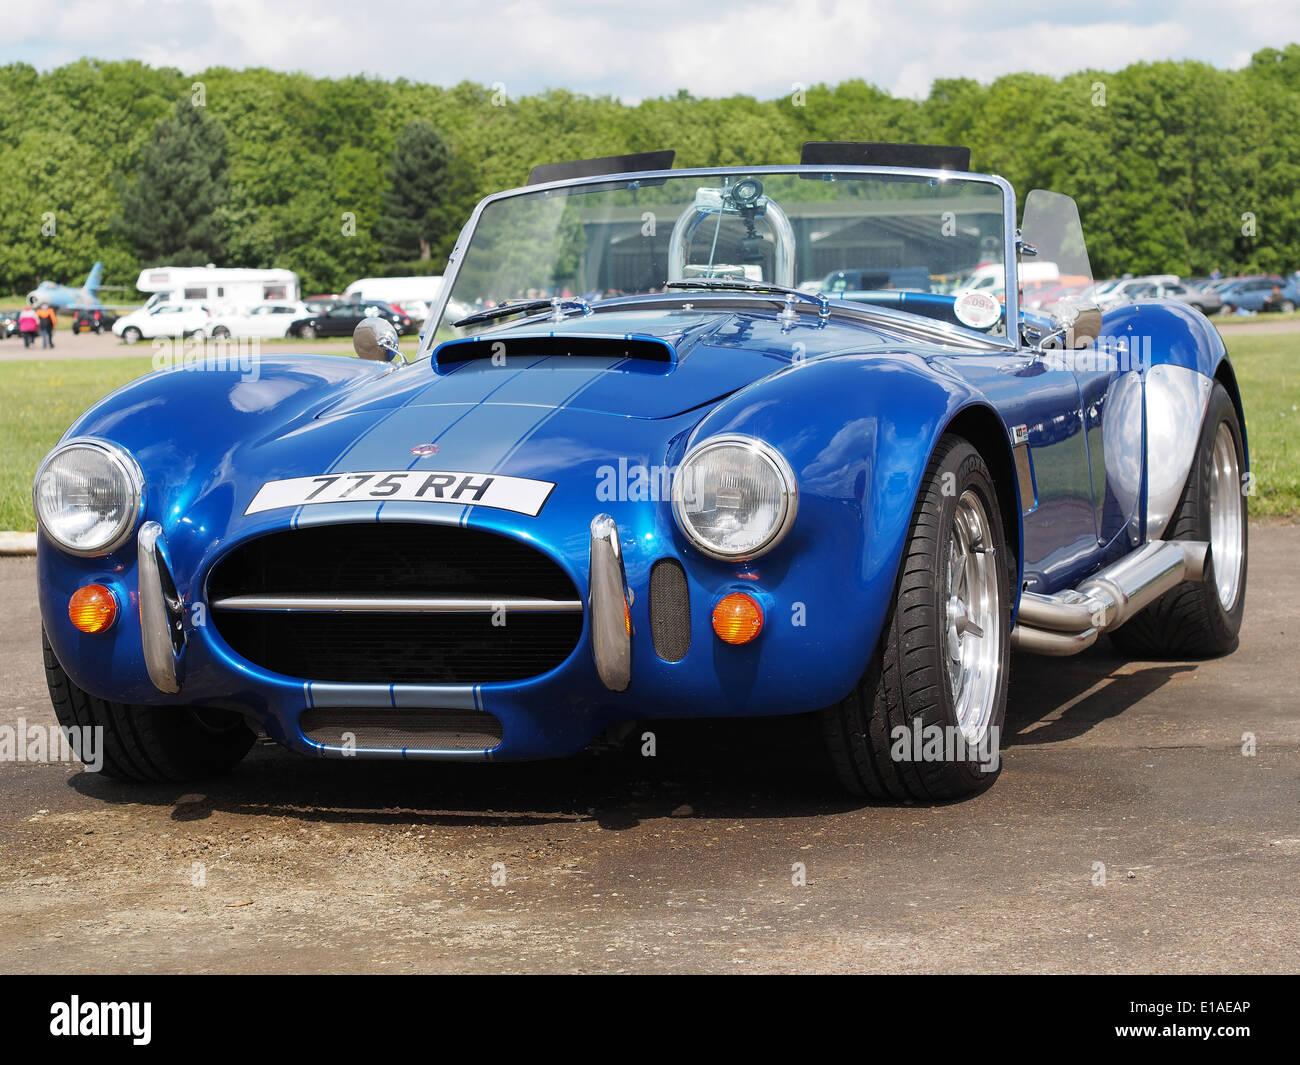 Ac Cobra Stock Photos & Ac Cobra Stock Images - Alamy